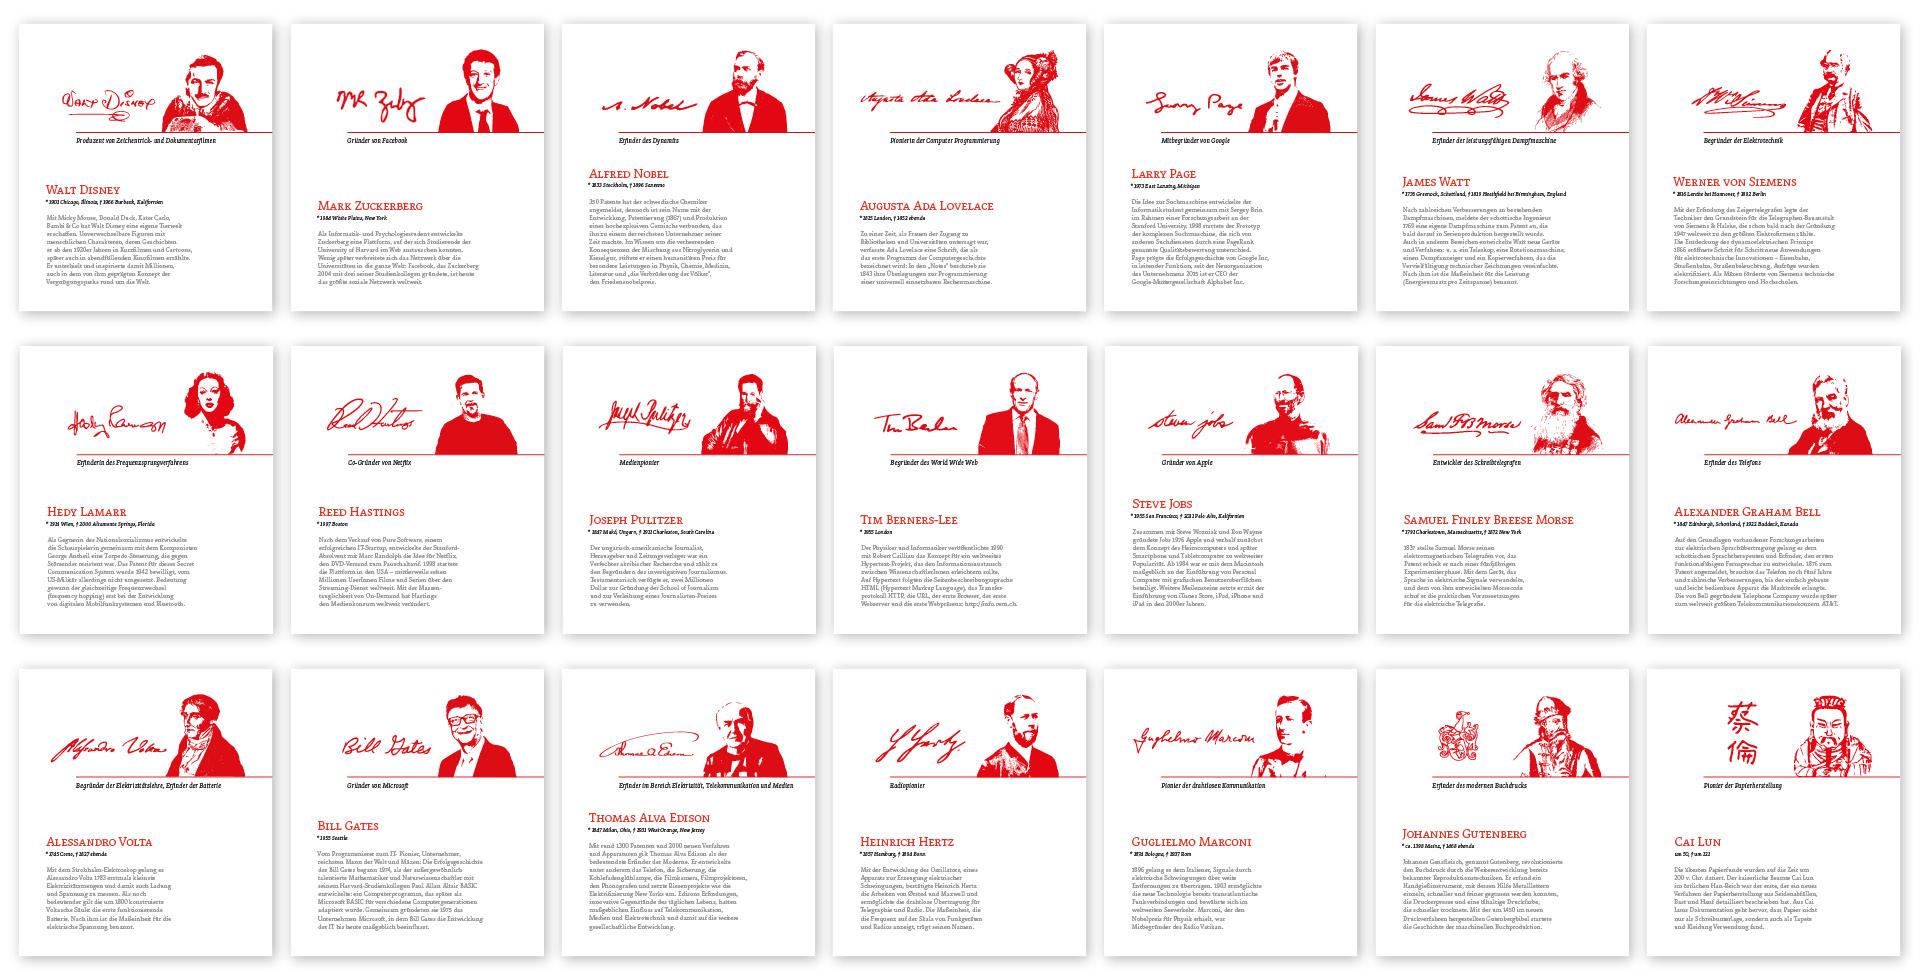 Raumschilder: Leitsystem für Russmedia von der Werbeagentur look! design